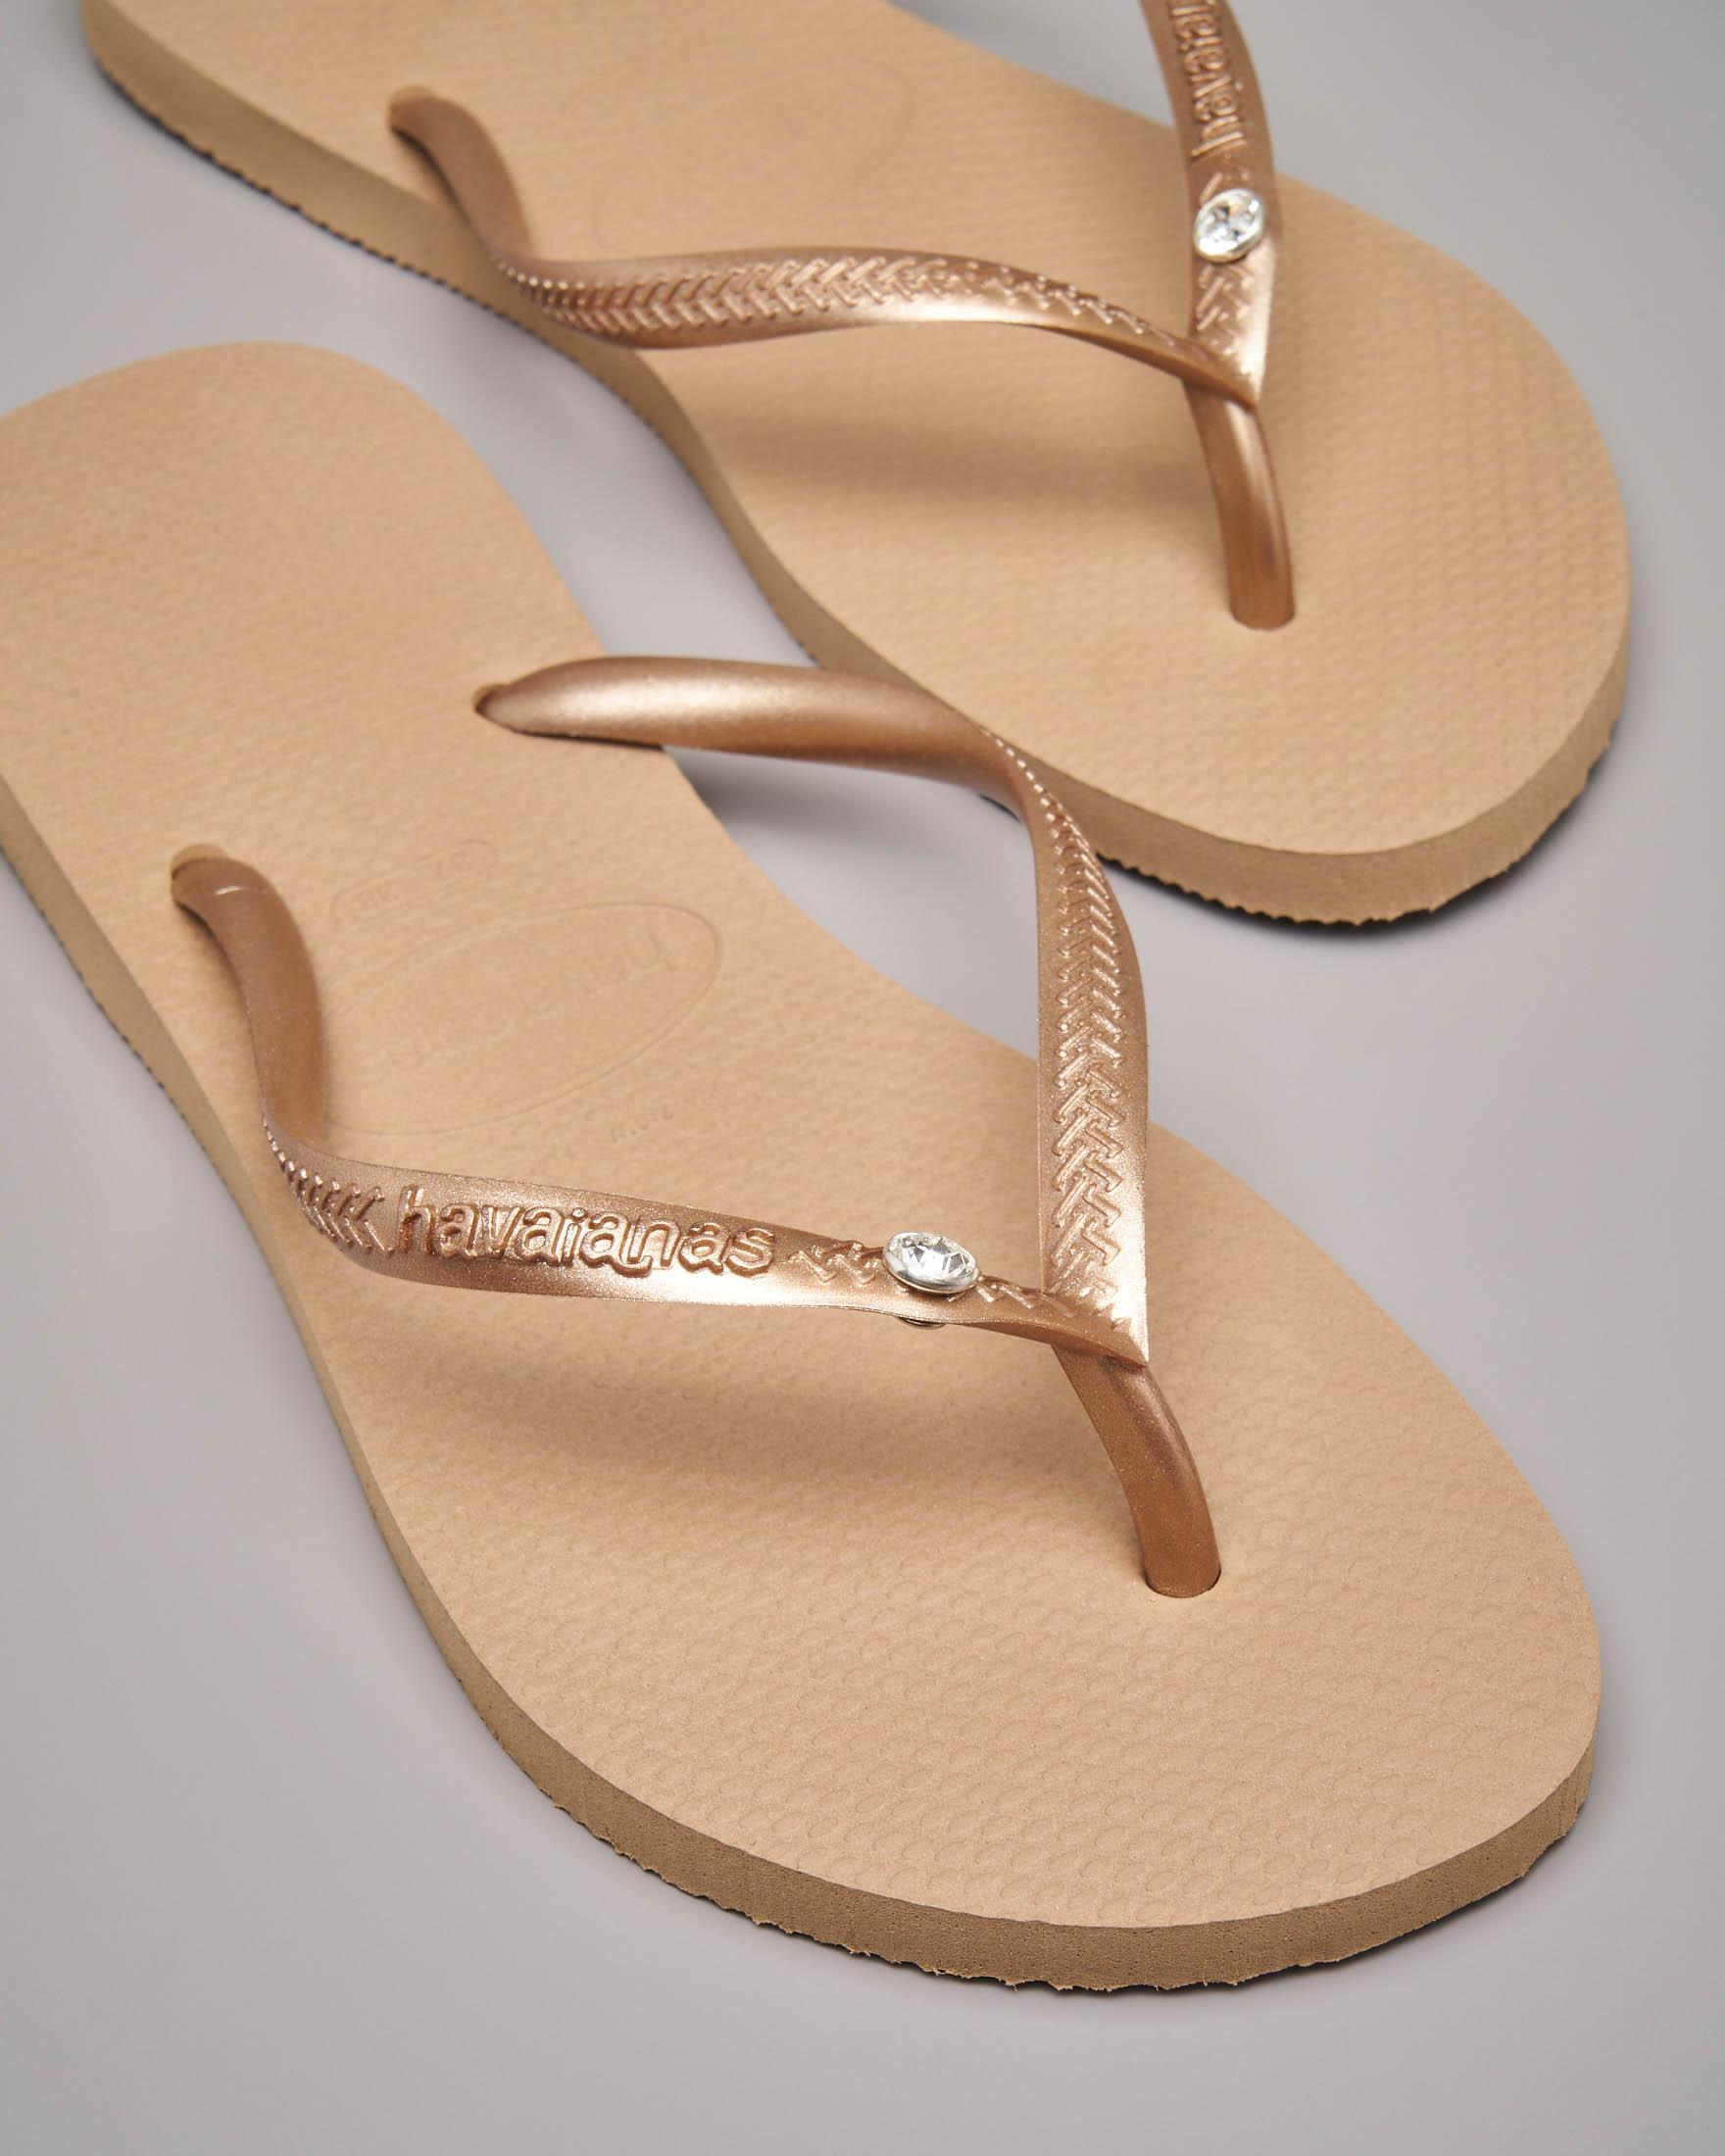 Havaianas Crystal Glamour color oro con logo tono su tono e strass applicato sulle fascette